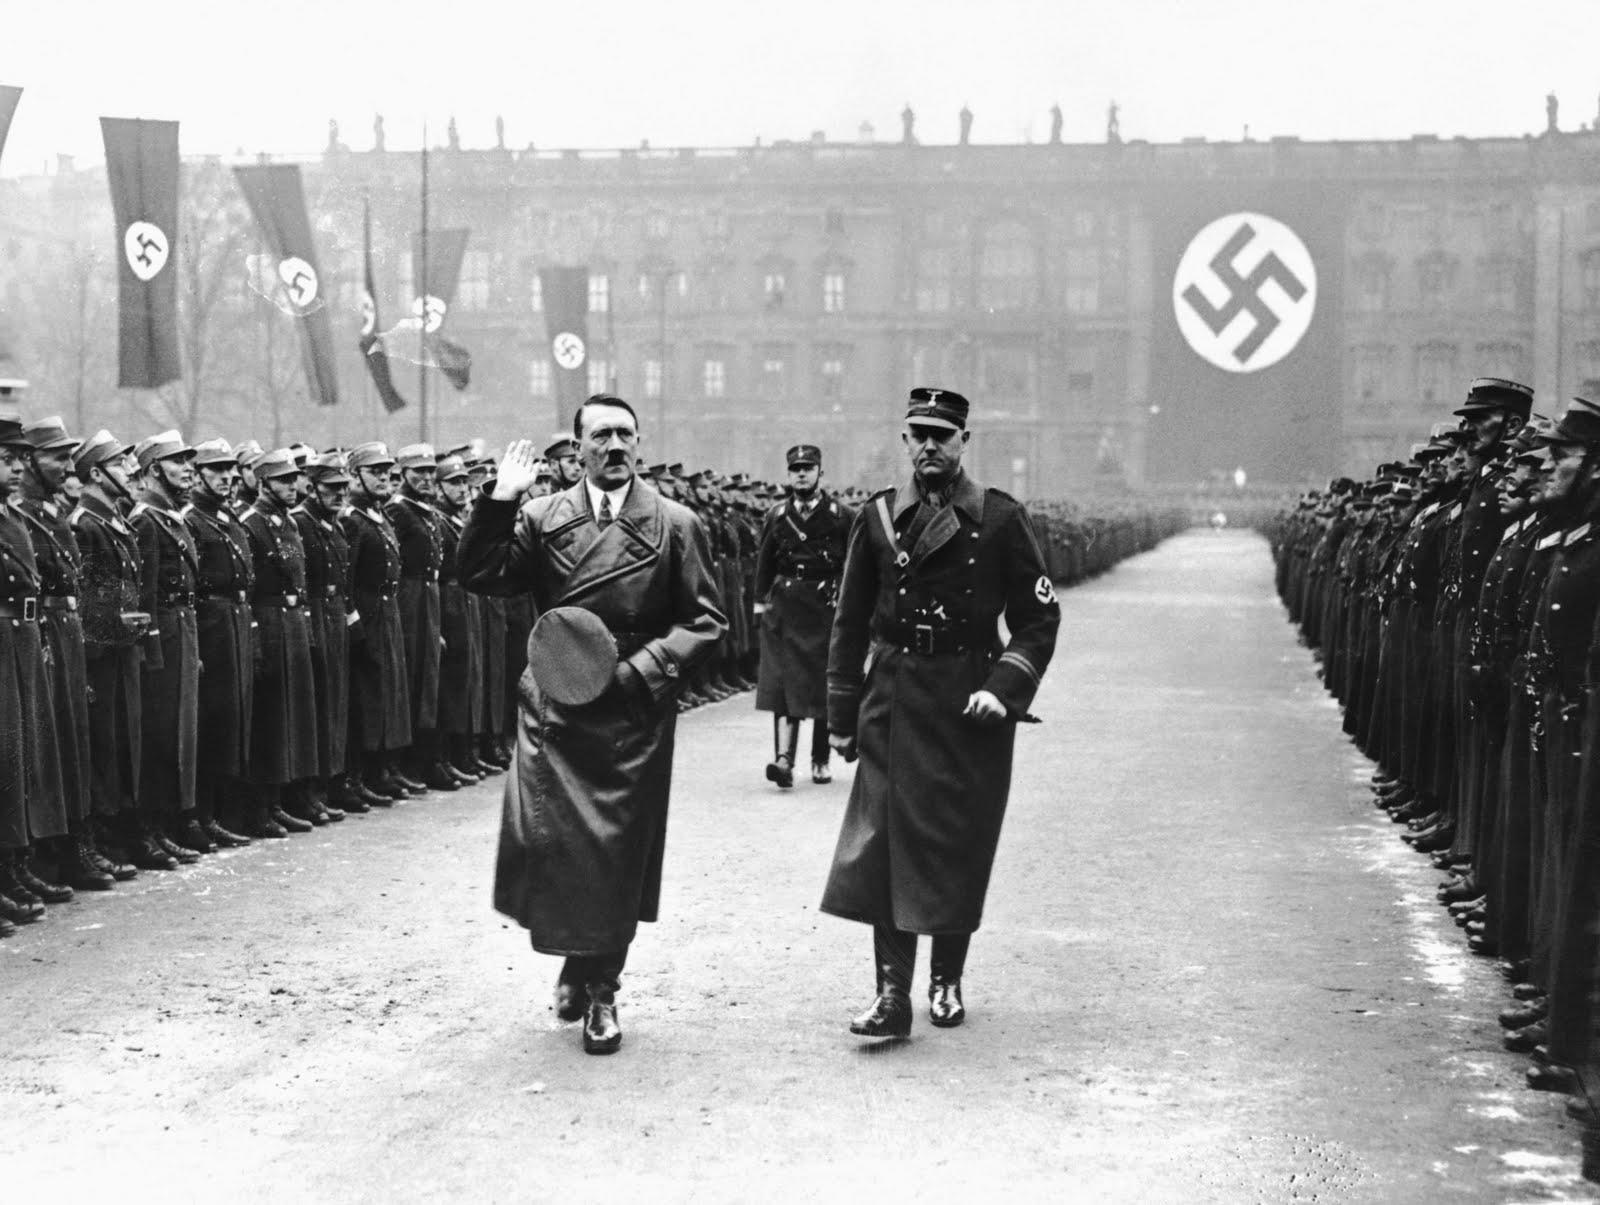 7 propagandas bizarras que eram veiculadas durante a II Guerra Mundial